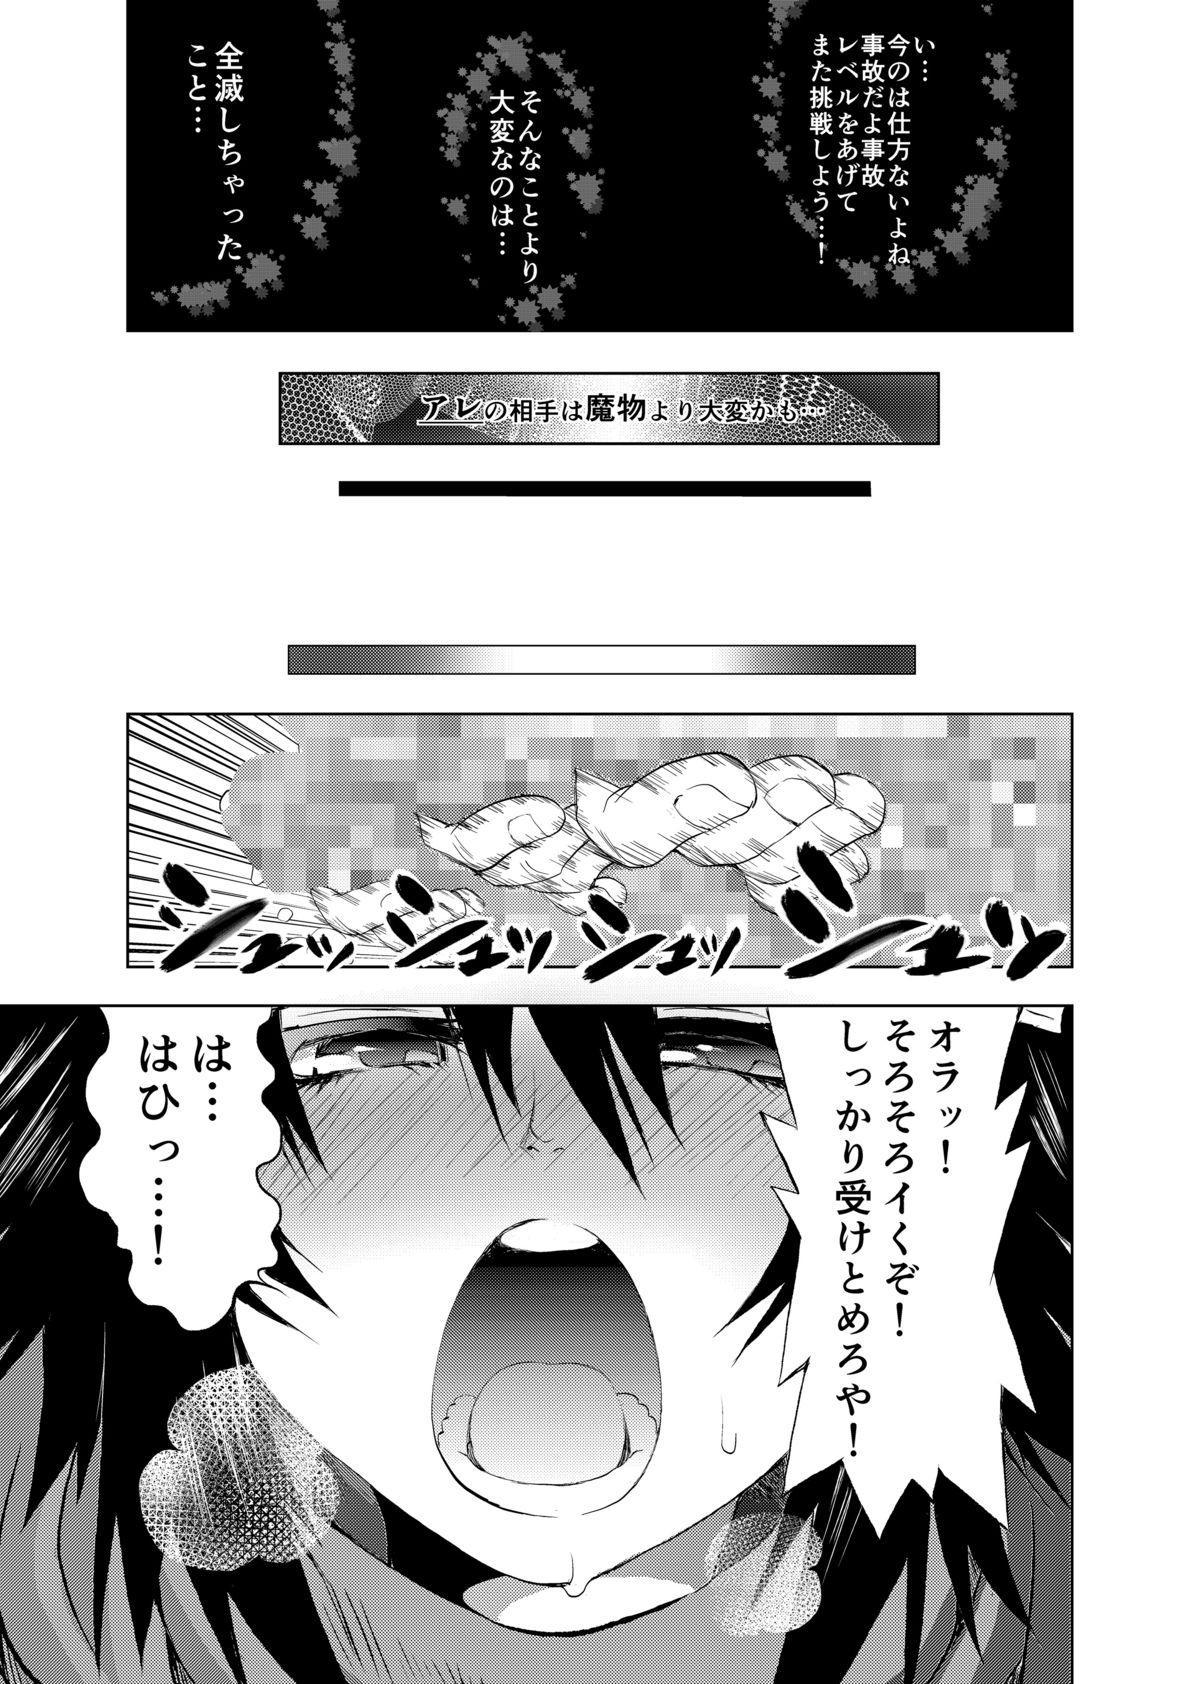 Zettai ni Zenmetsushite wa Ikenai DraQue 5